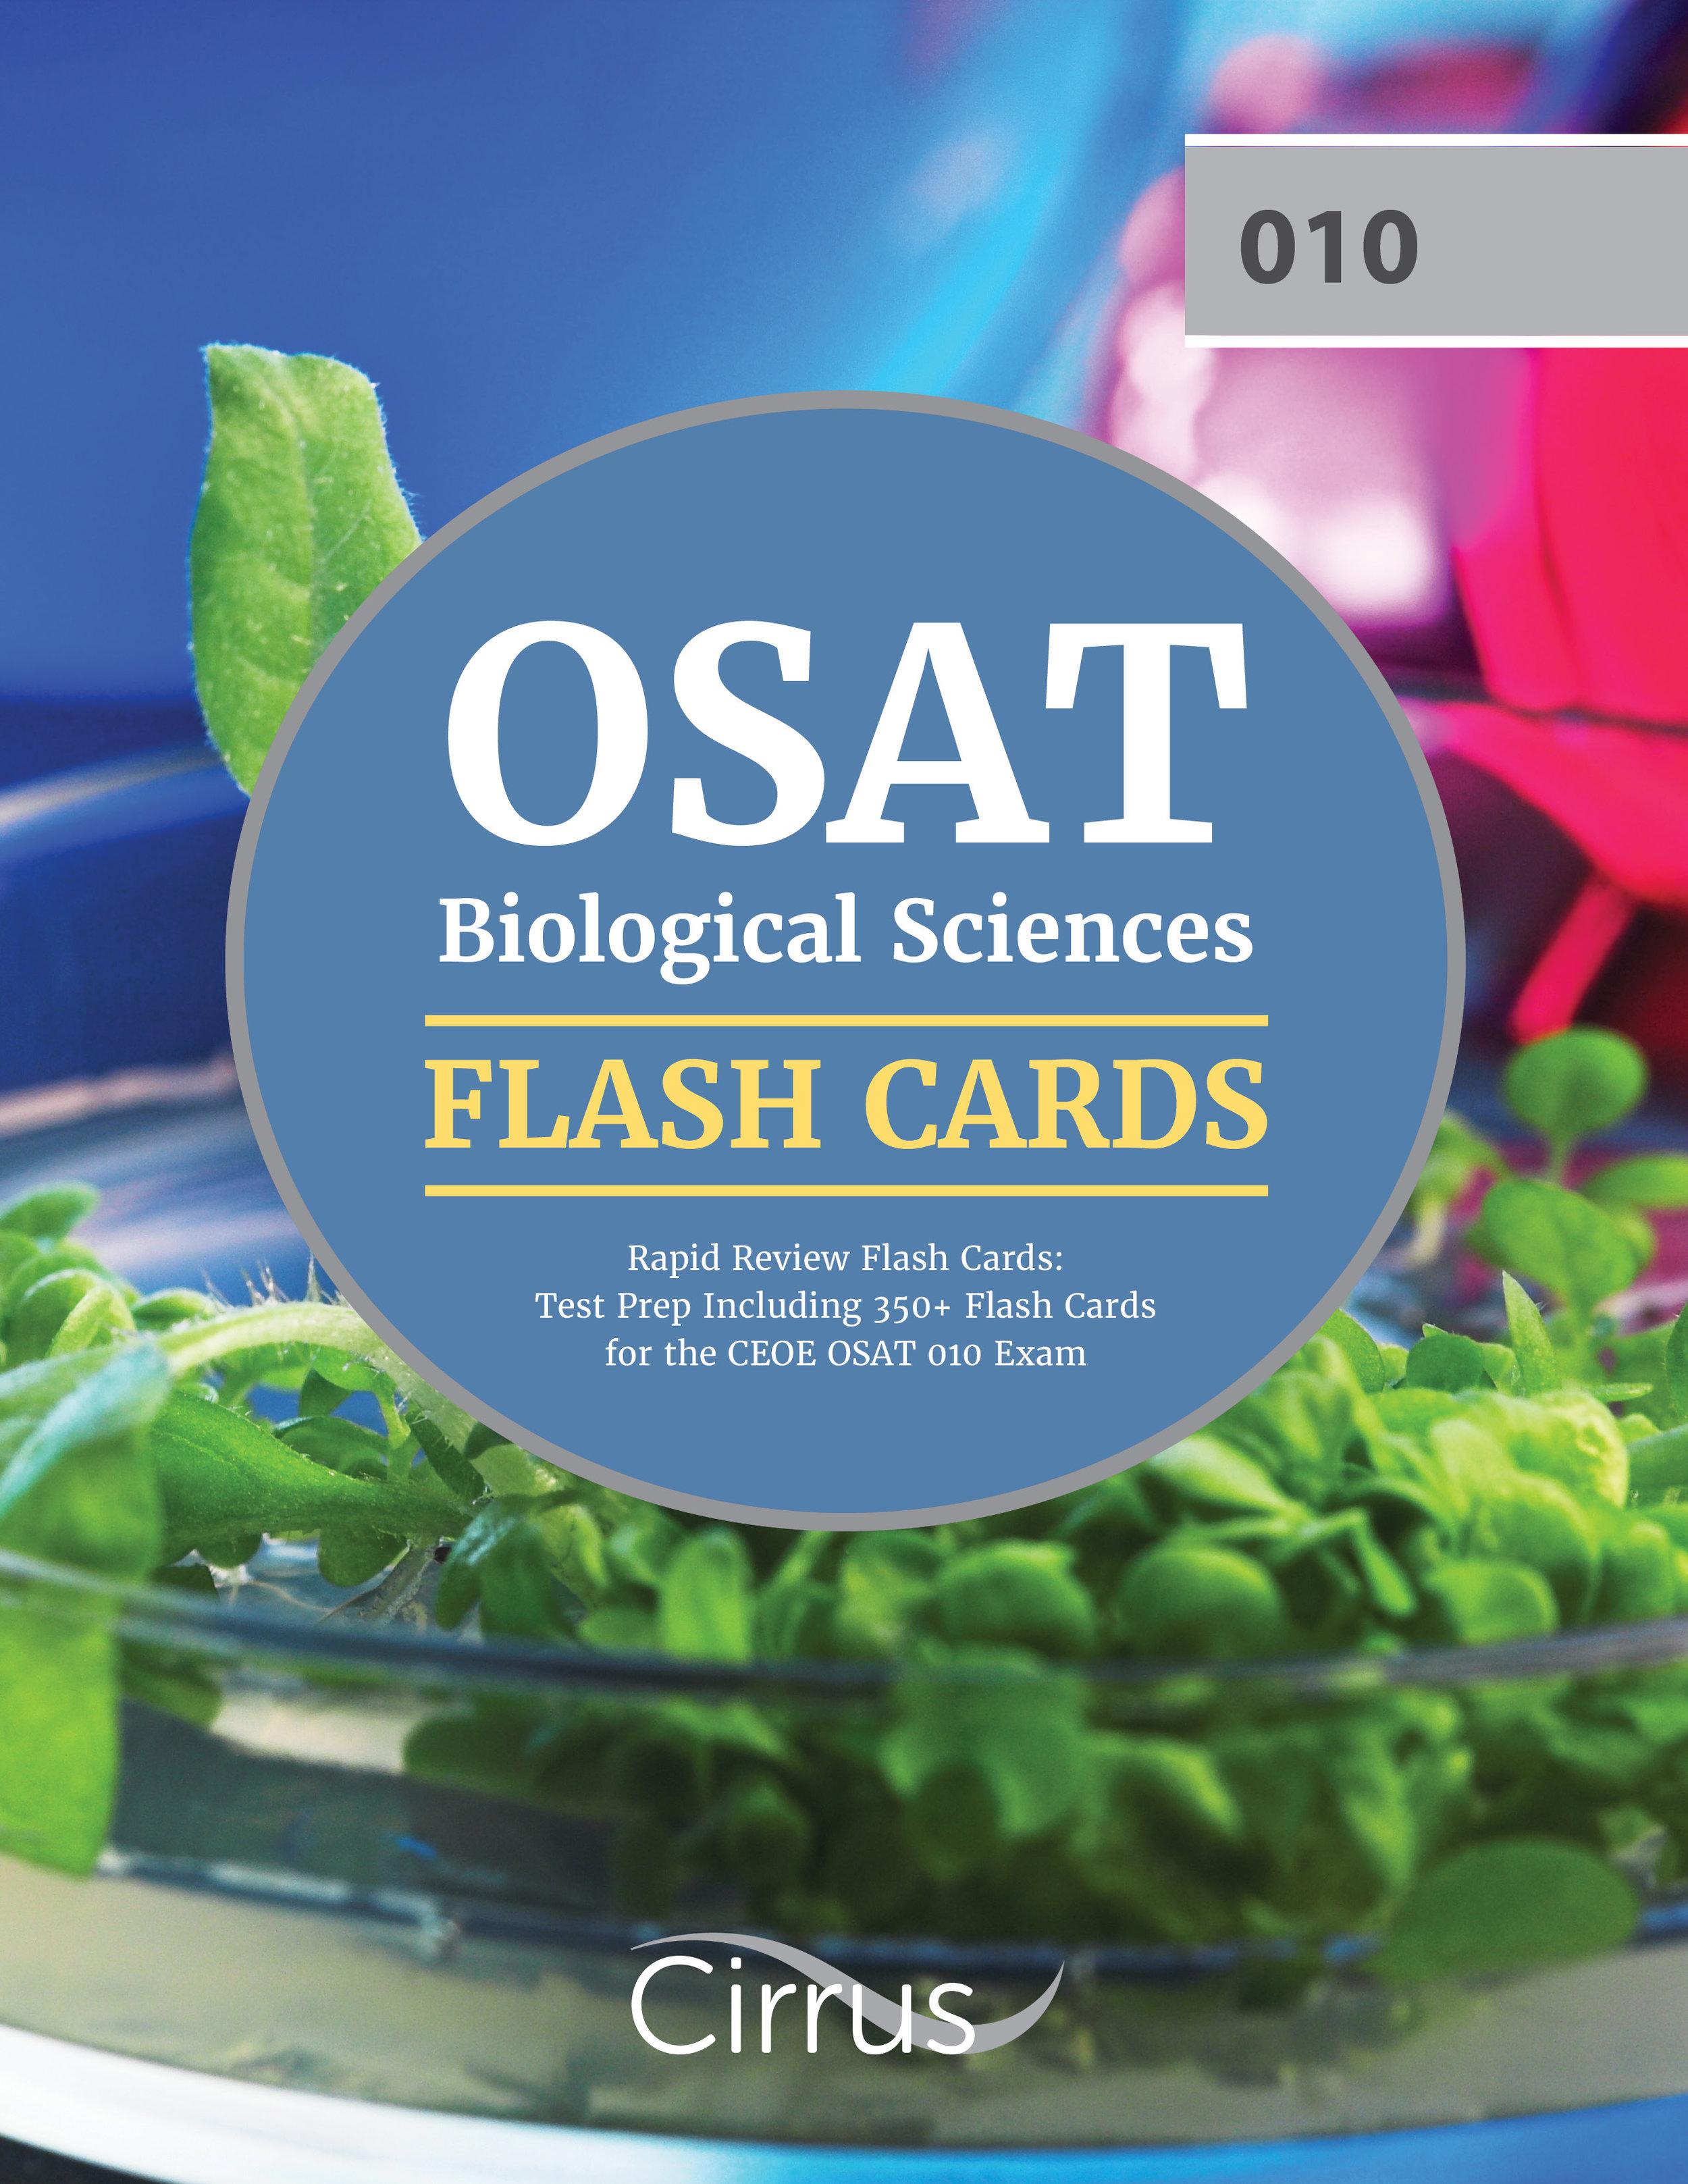 OSAT Biological Sciences Flash Cards